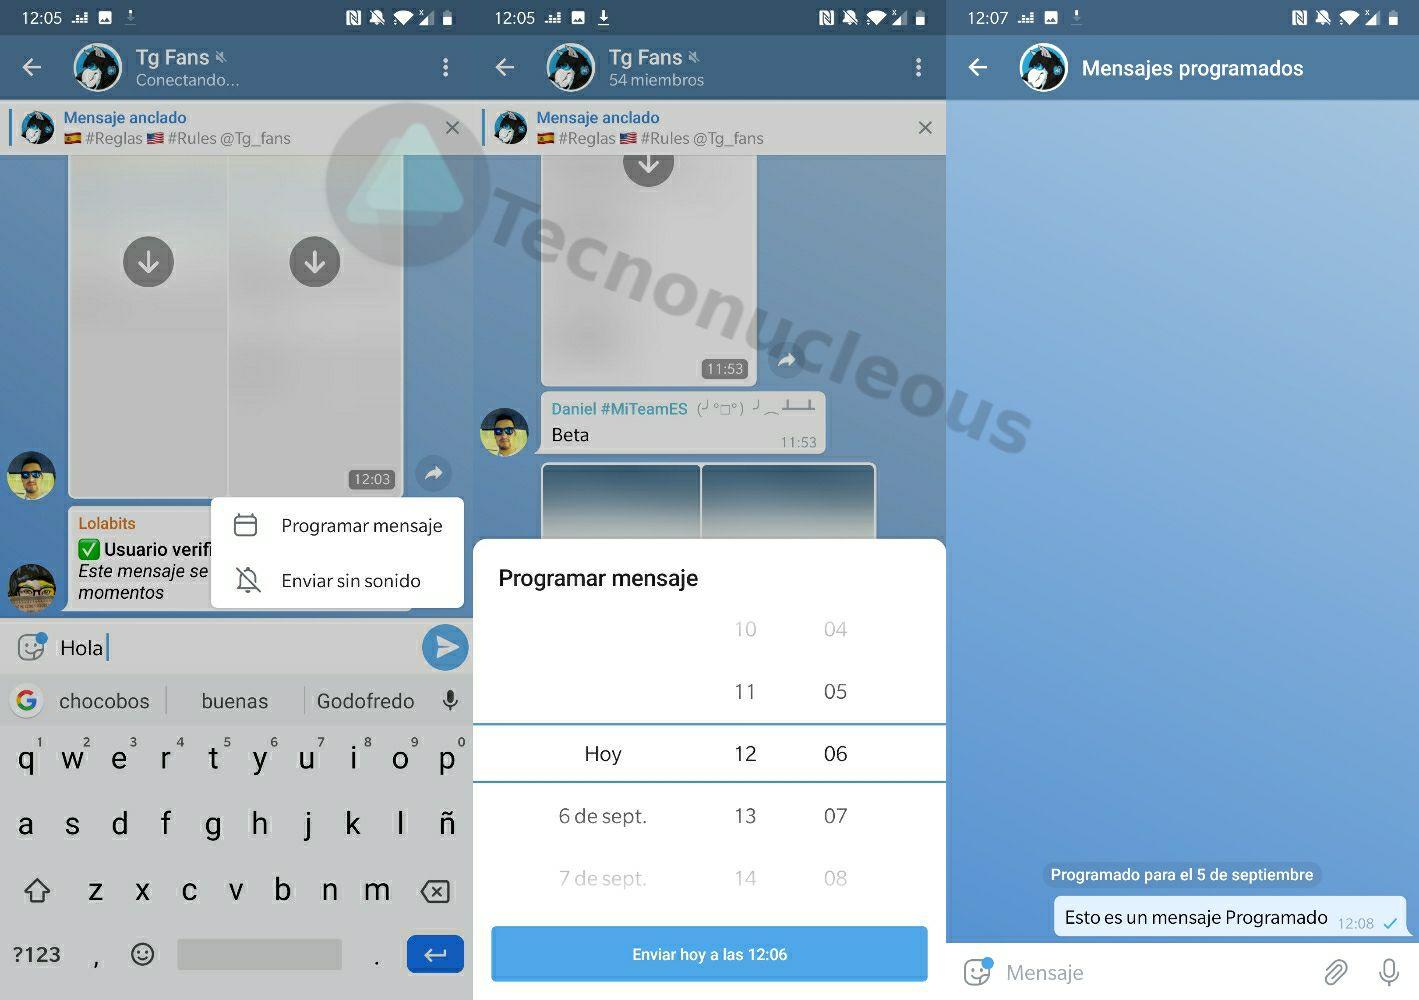 Telegram 5.11 mensajes programados